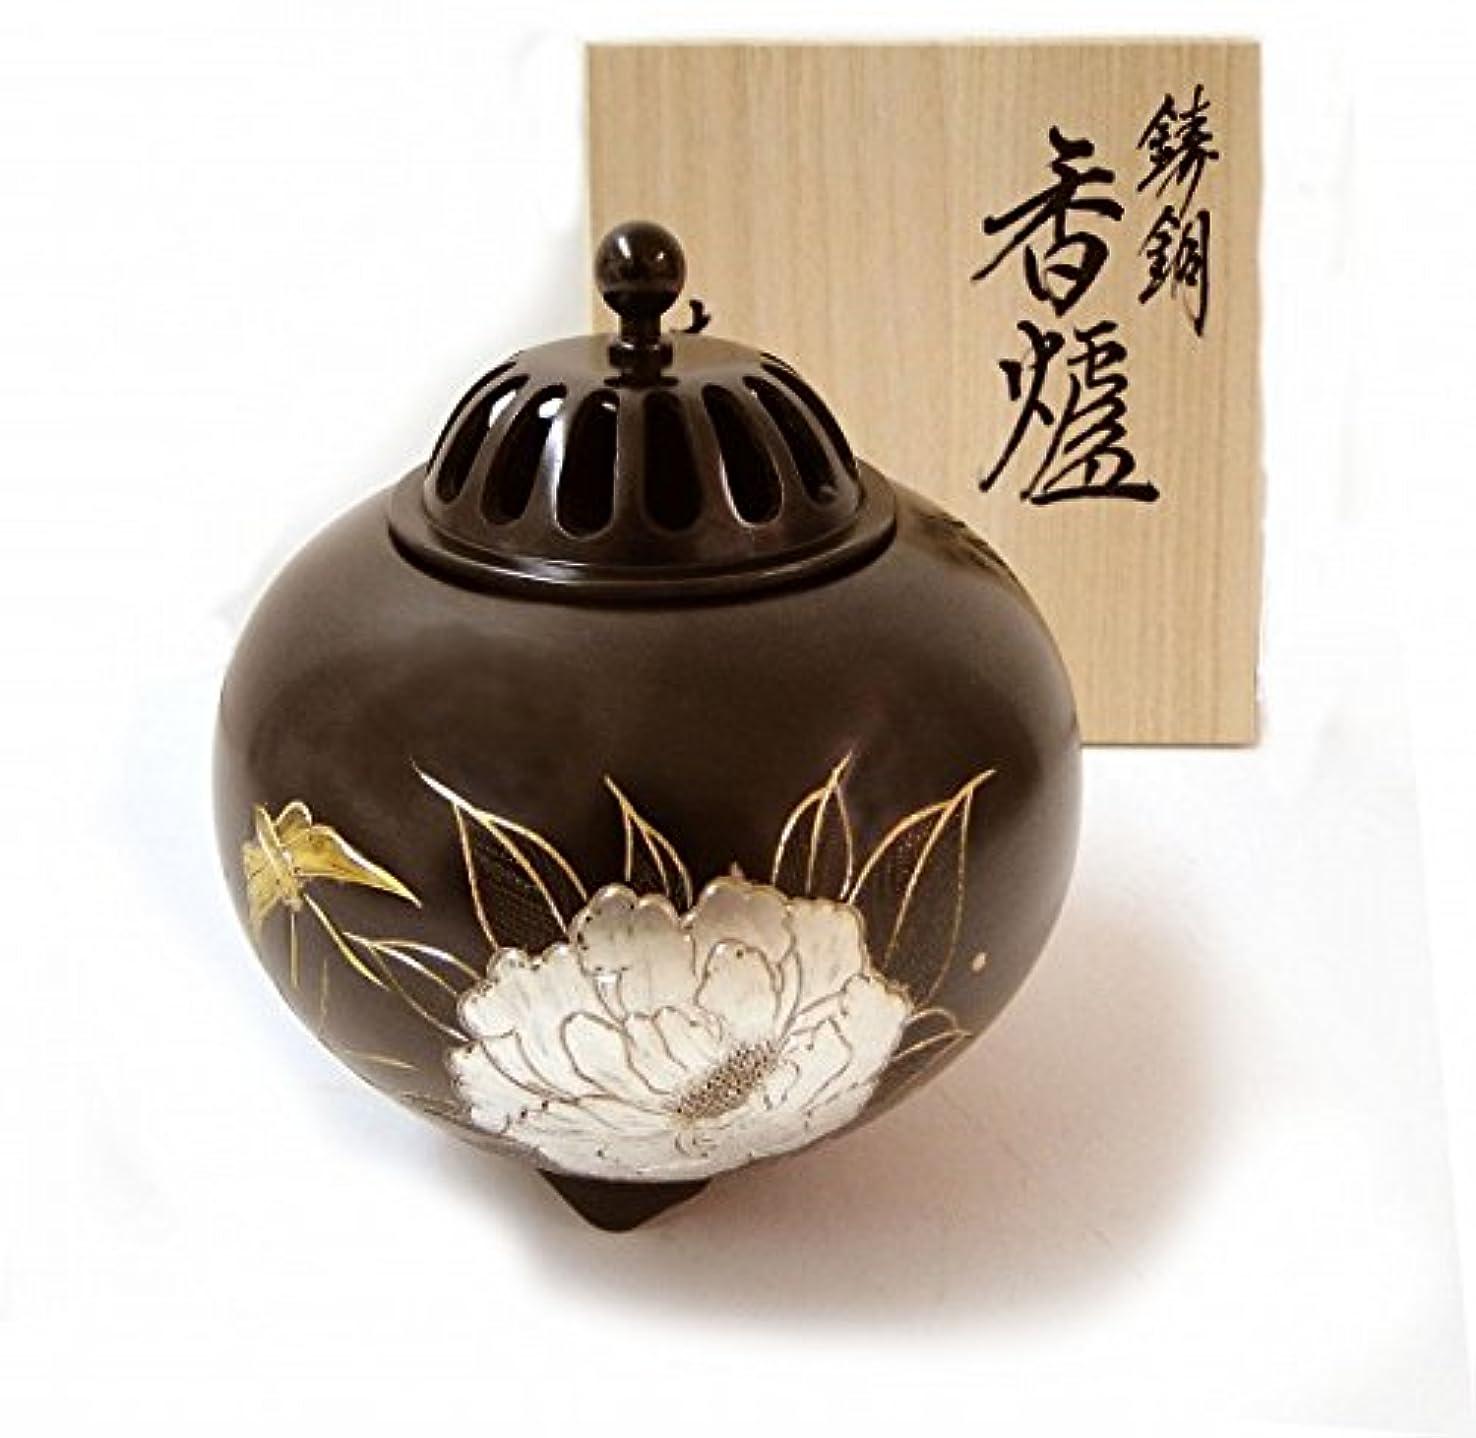 ゆるい名目上の敬『平丸香炉?牡丹』銅製